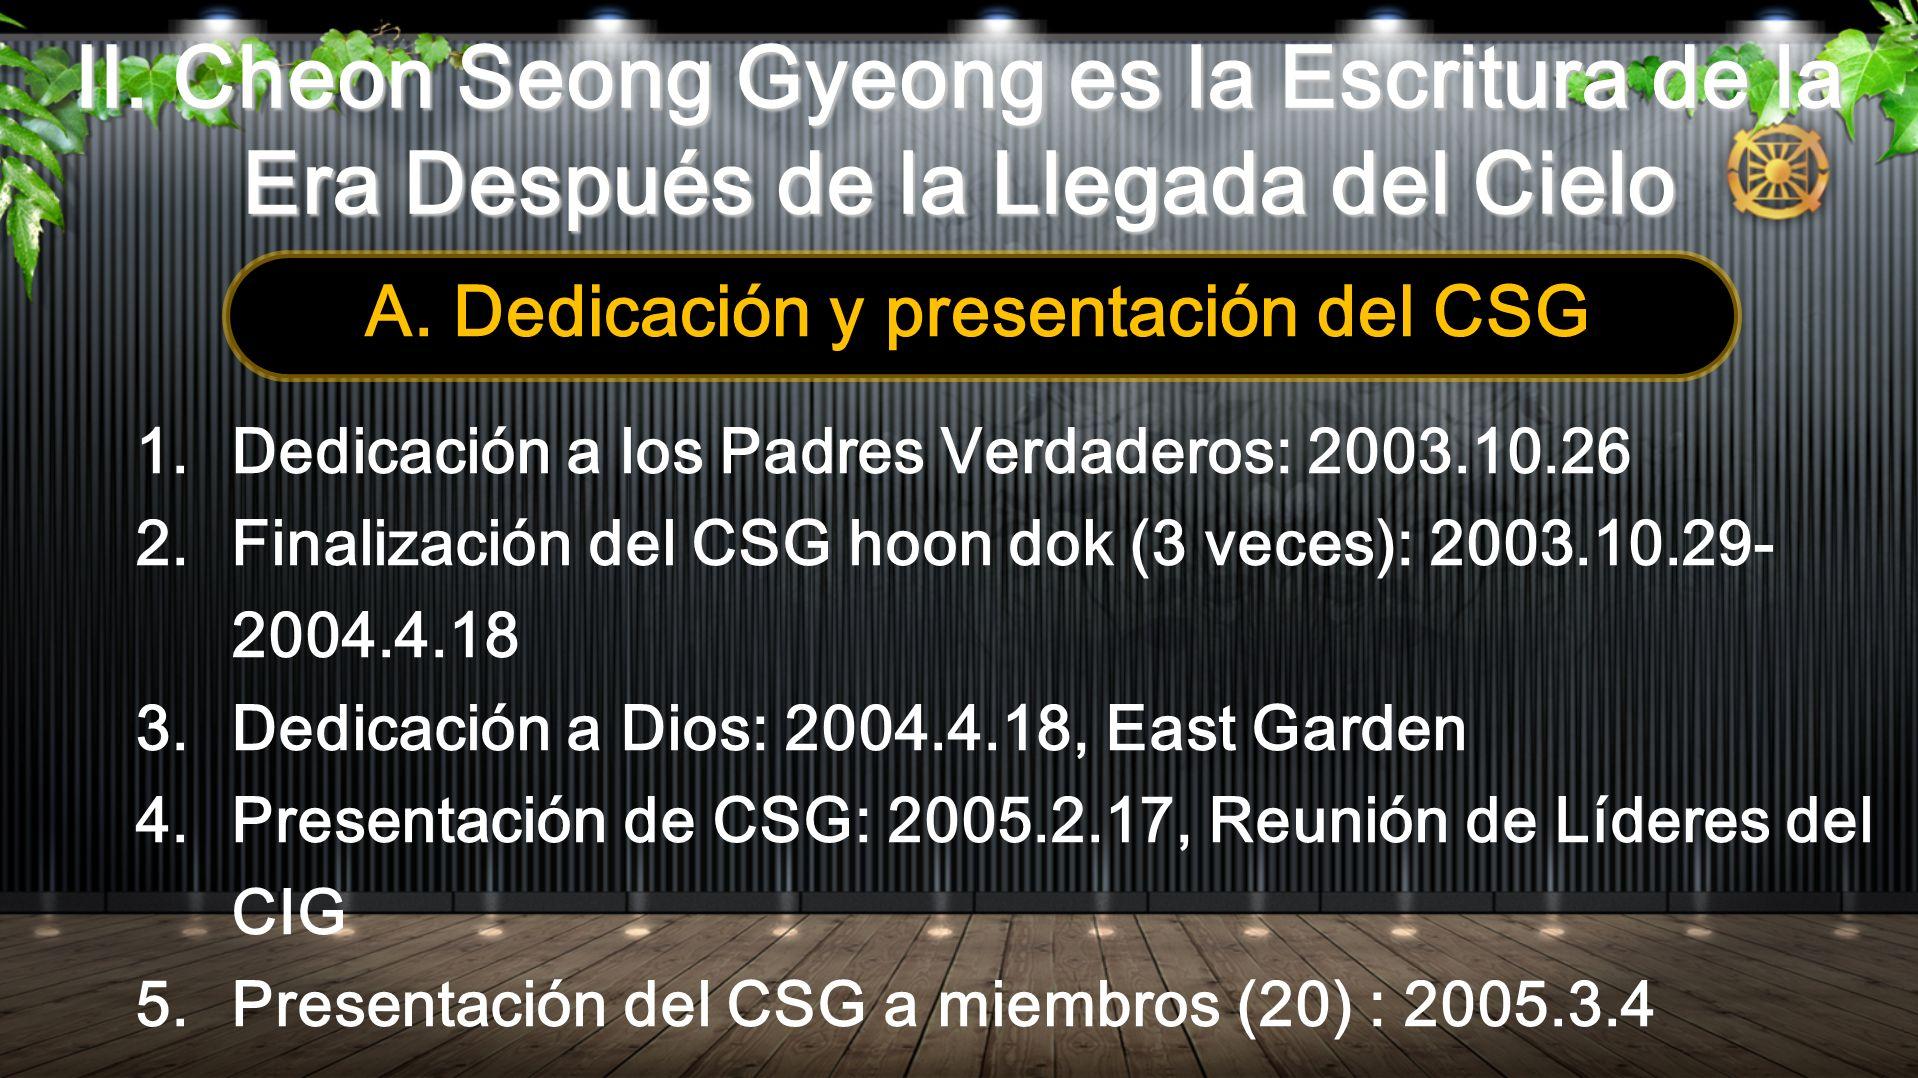 1.Dedicación a los Padres Verdaderos: 2003.10.26 2.Finalización del CSG hoon dok (3 veces): 2003.10.29- 2004.4.18 3.Dedicación a Dios: 2004.4.18, East